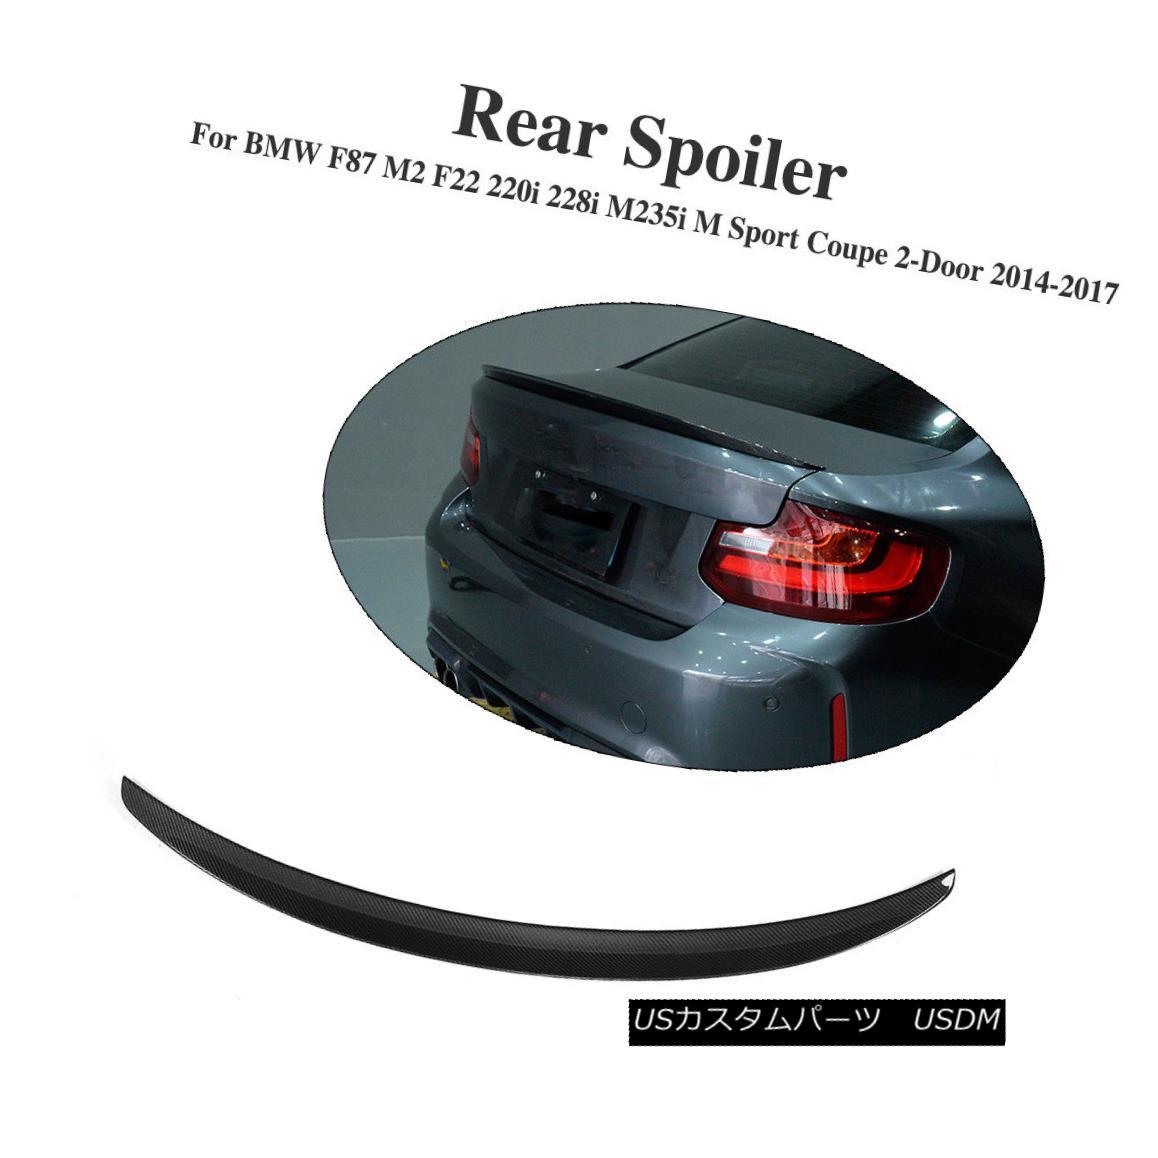 エアロパーツ Carbon Fiber Car Rear Spoiler Fit For BMW 220i 228i M235i M240i M2 Coupe 14-17 BMW 220i 228i M235i M240i M2クーペ14-17用カーボンファイバーカーリアスポイラー